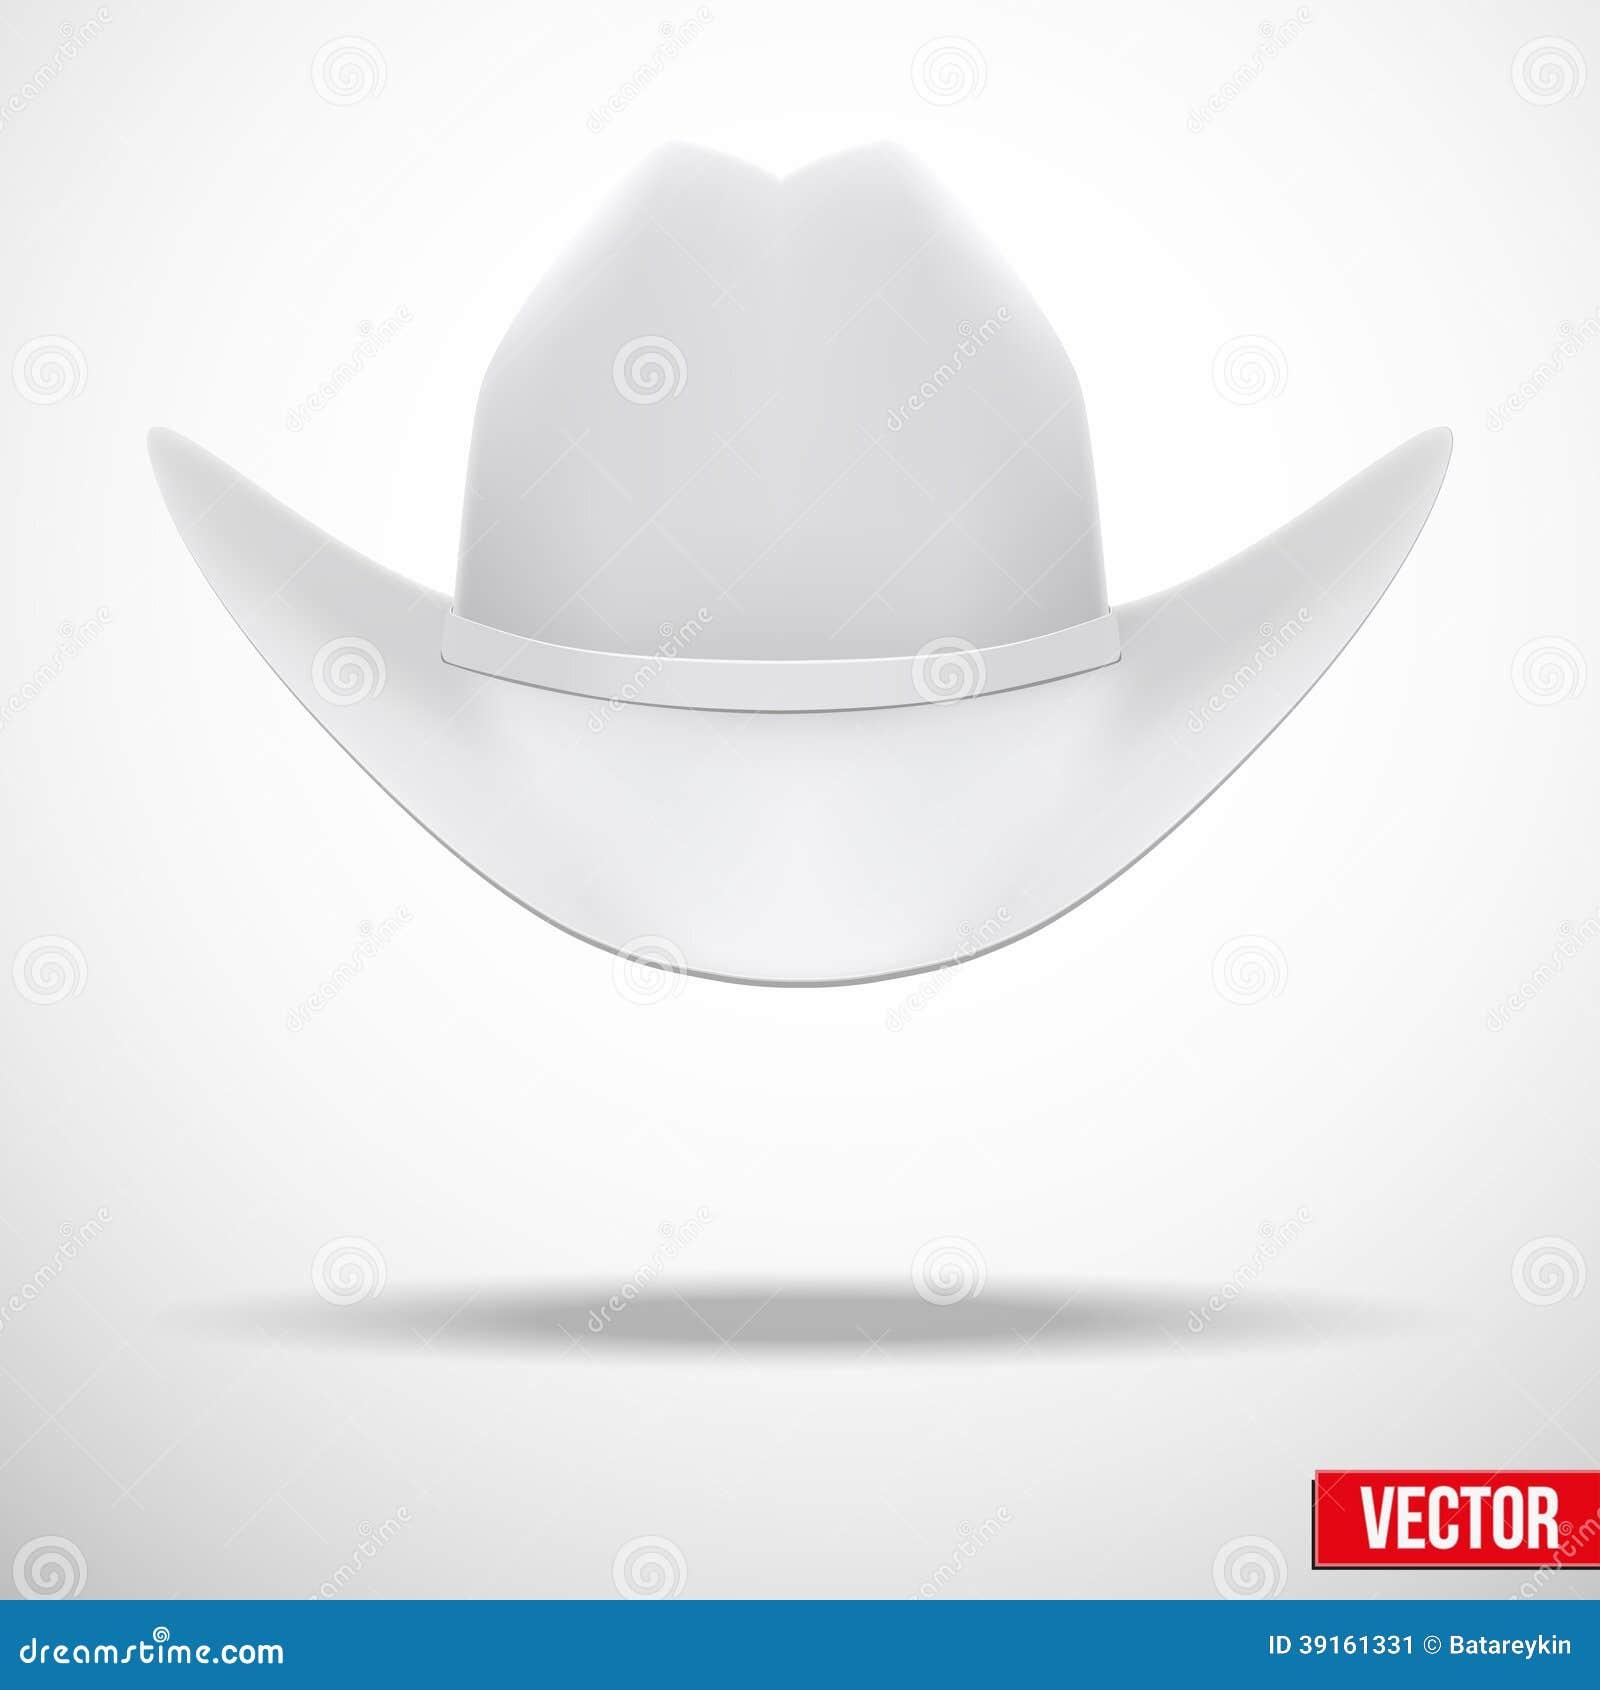 Fondo del sombrero de vaquero blanco. Símbolo tradicional. Ejemplo del  vector c752b5725ac